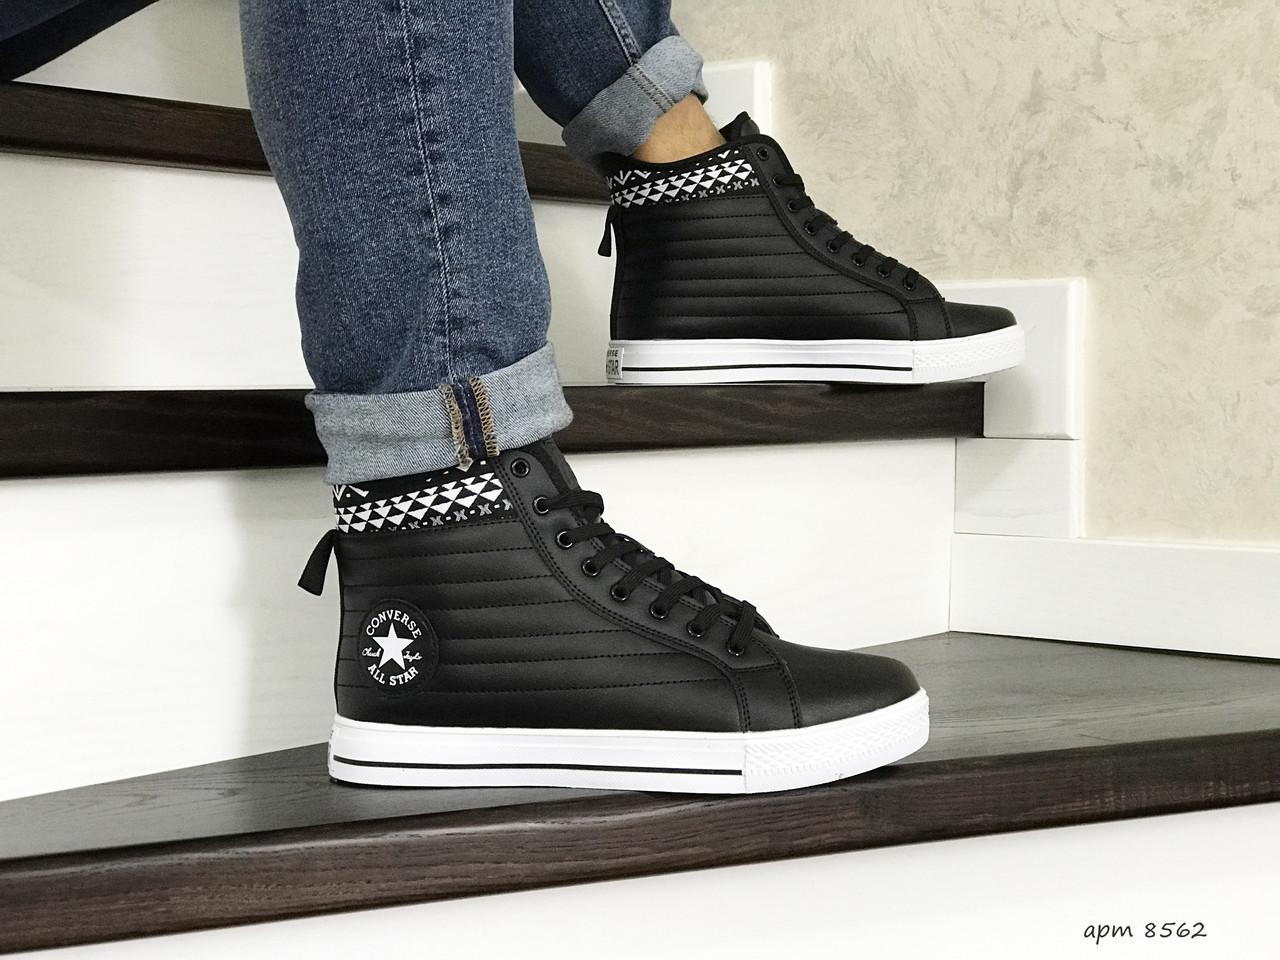 Чоловічі високі кросівки (термо) Converse All Star,чорно-білі 44,46 р